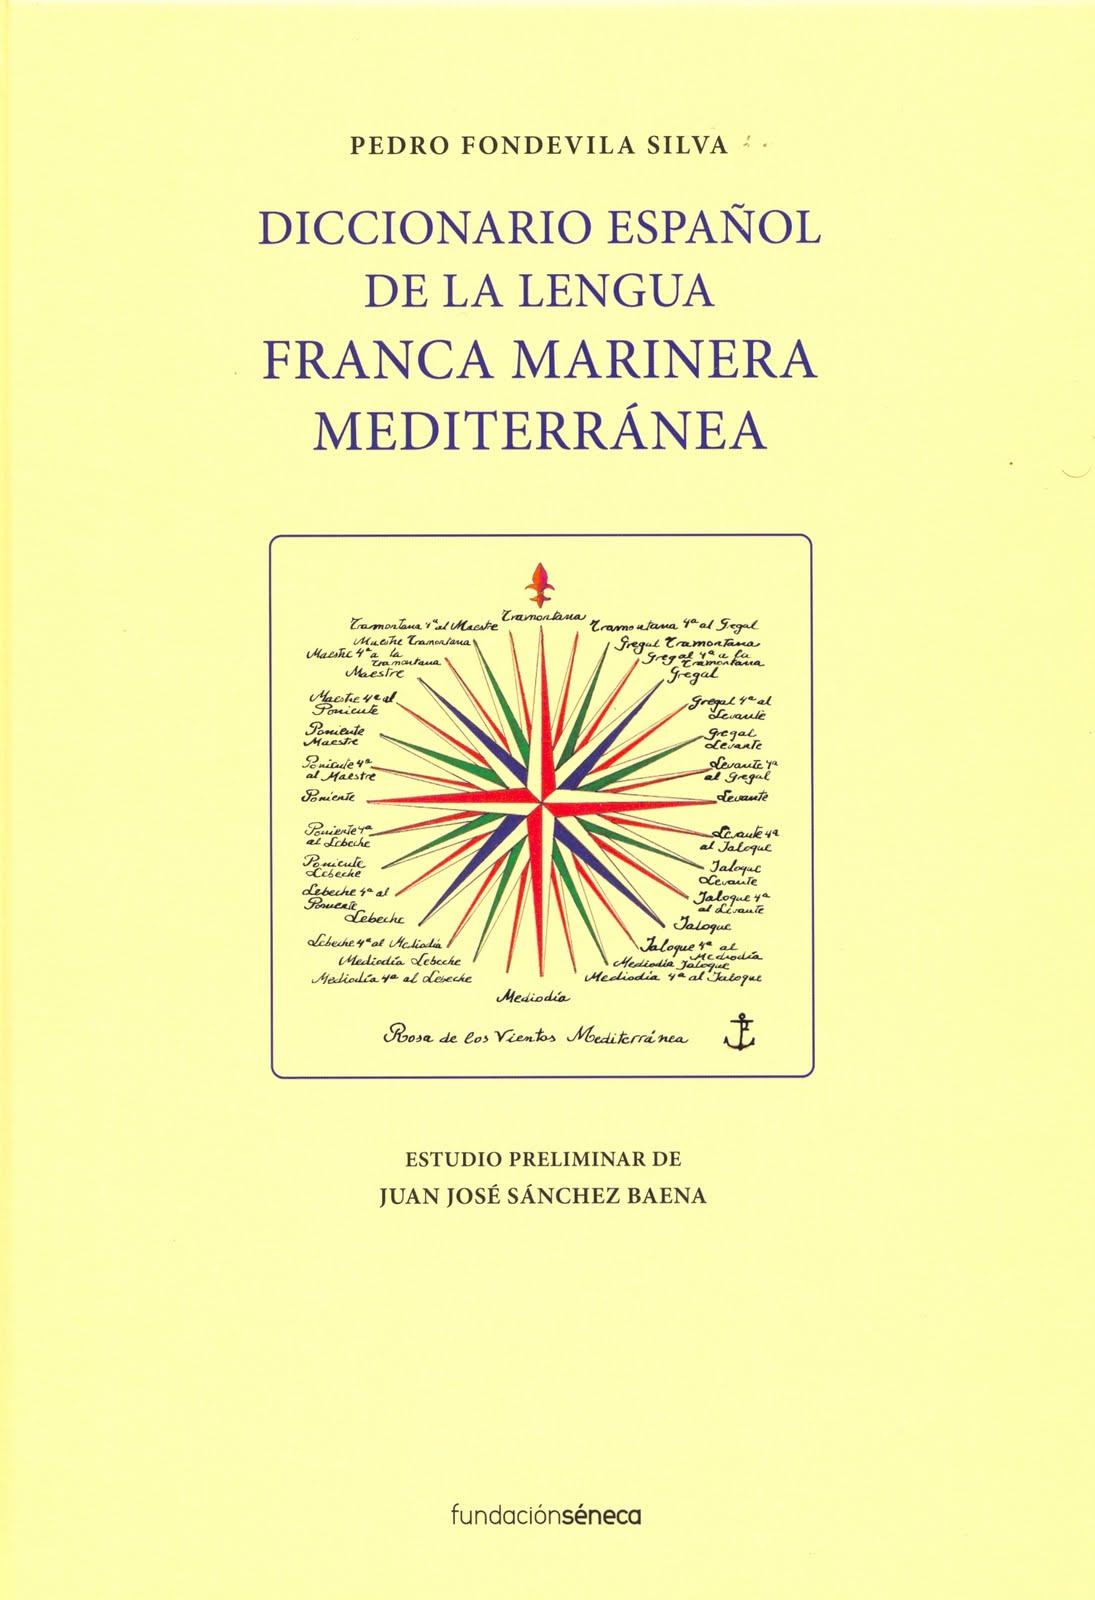 Diccionario español de la lengua franca marinera mediterránea